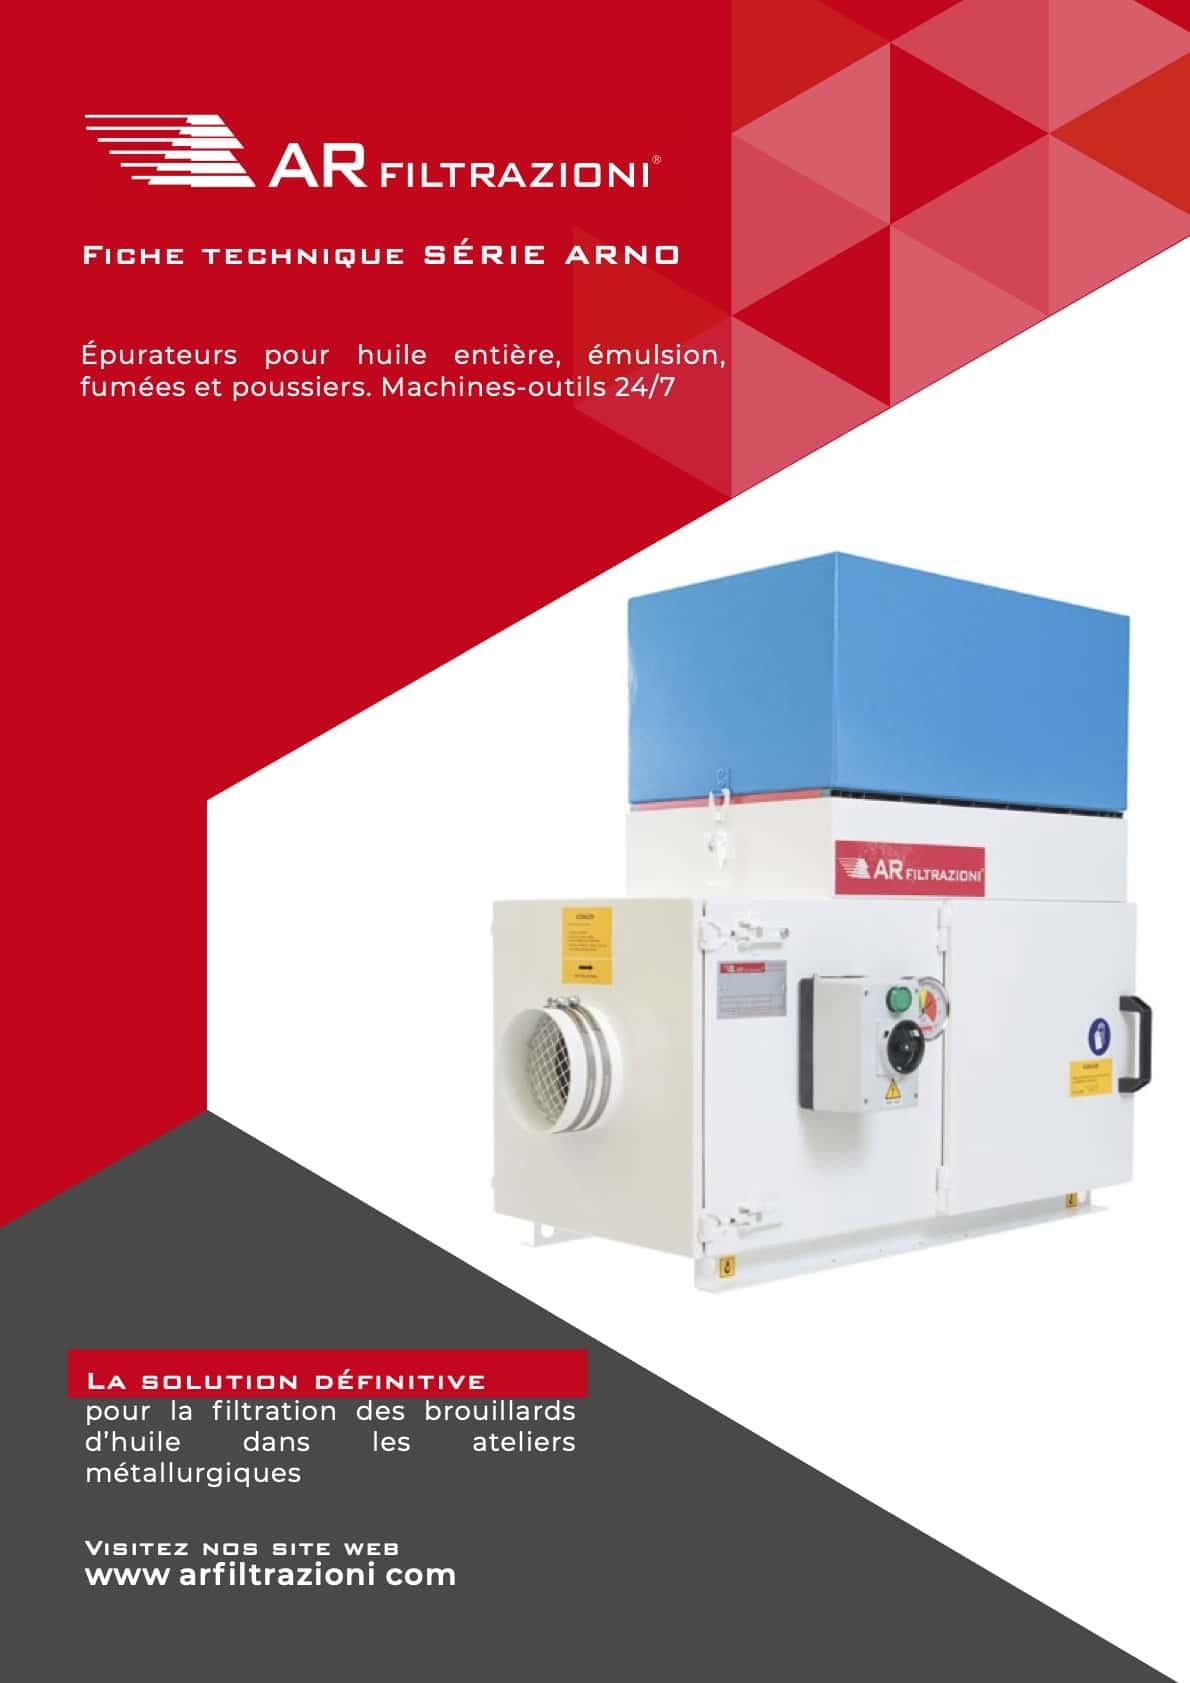 AR Filtrazioni Case History Portfolio Filtrazione Nebbie Oleose ARNO – Fiche technique Aspiration industrielle et Filtration de brouillard d'huile